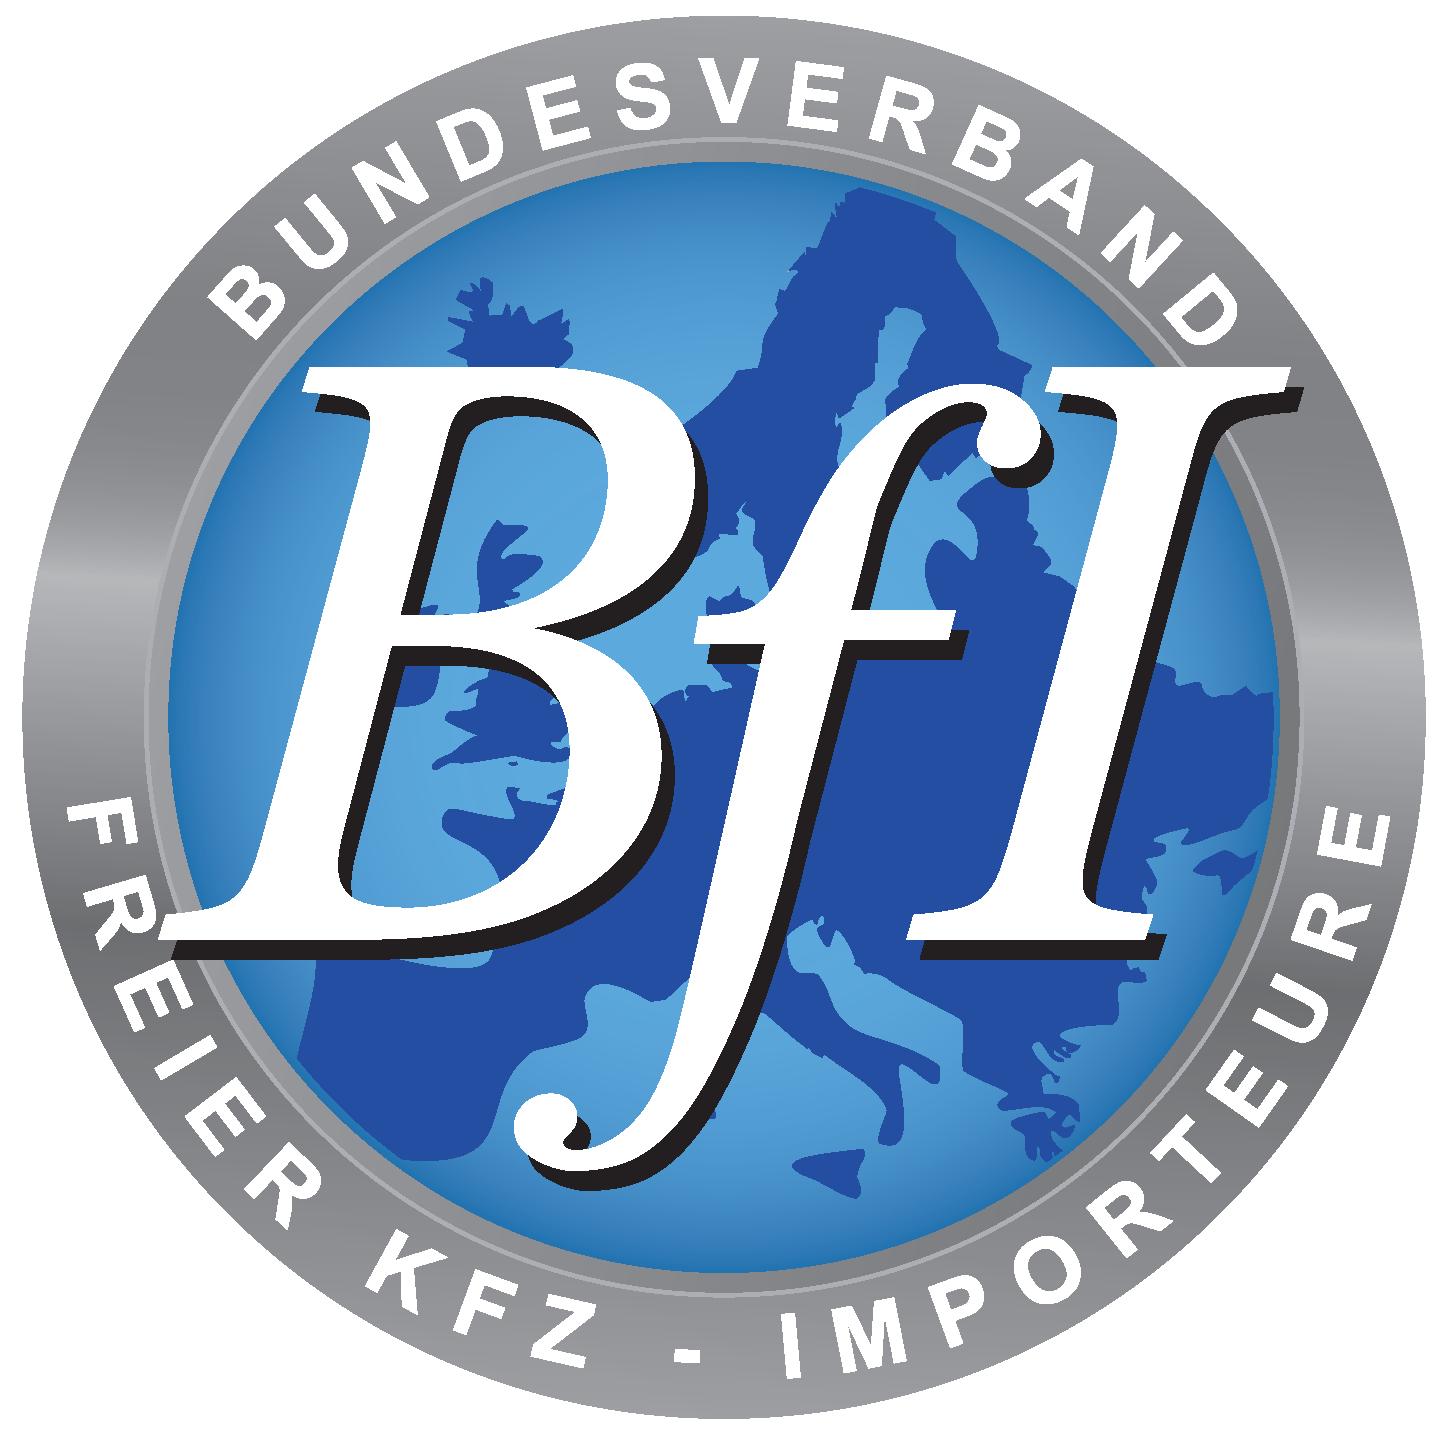 Als Mitglied im Bundesverband freier Kfz-Importeure e.V. und als geprüfter Parallel-Importeur garantieren wir Ihnen eine faire und korrekte Kaufabwicklung.